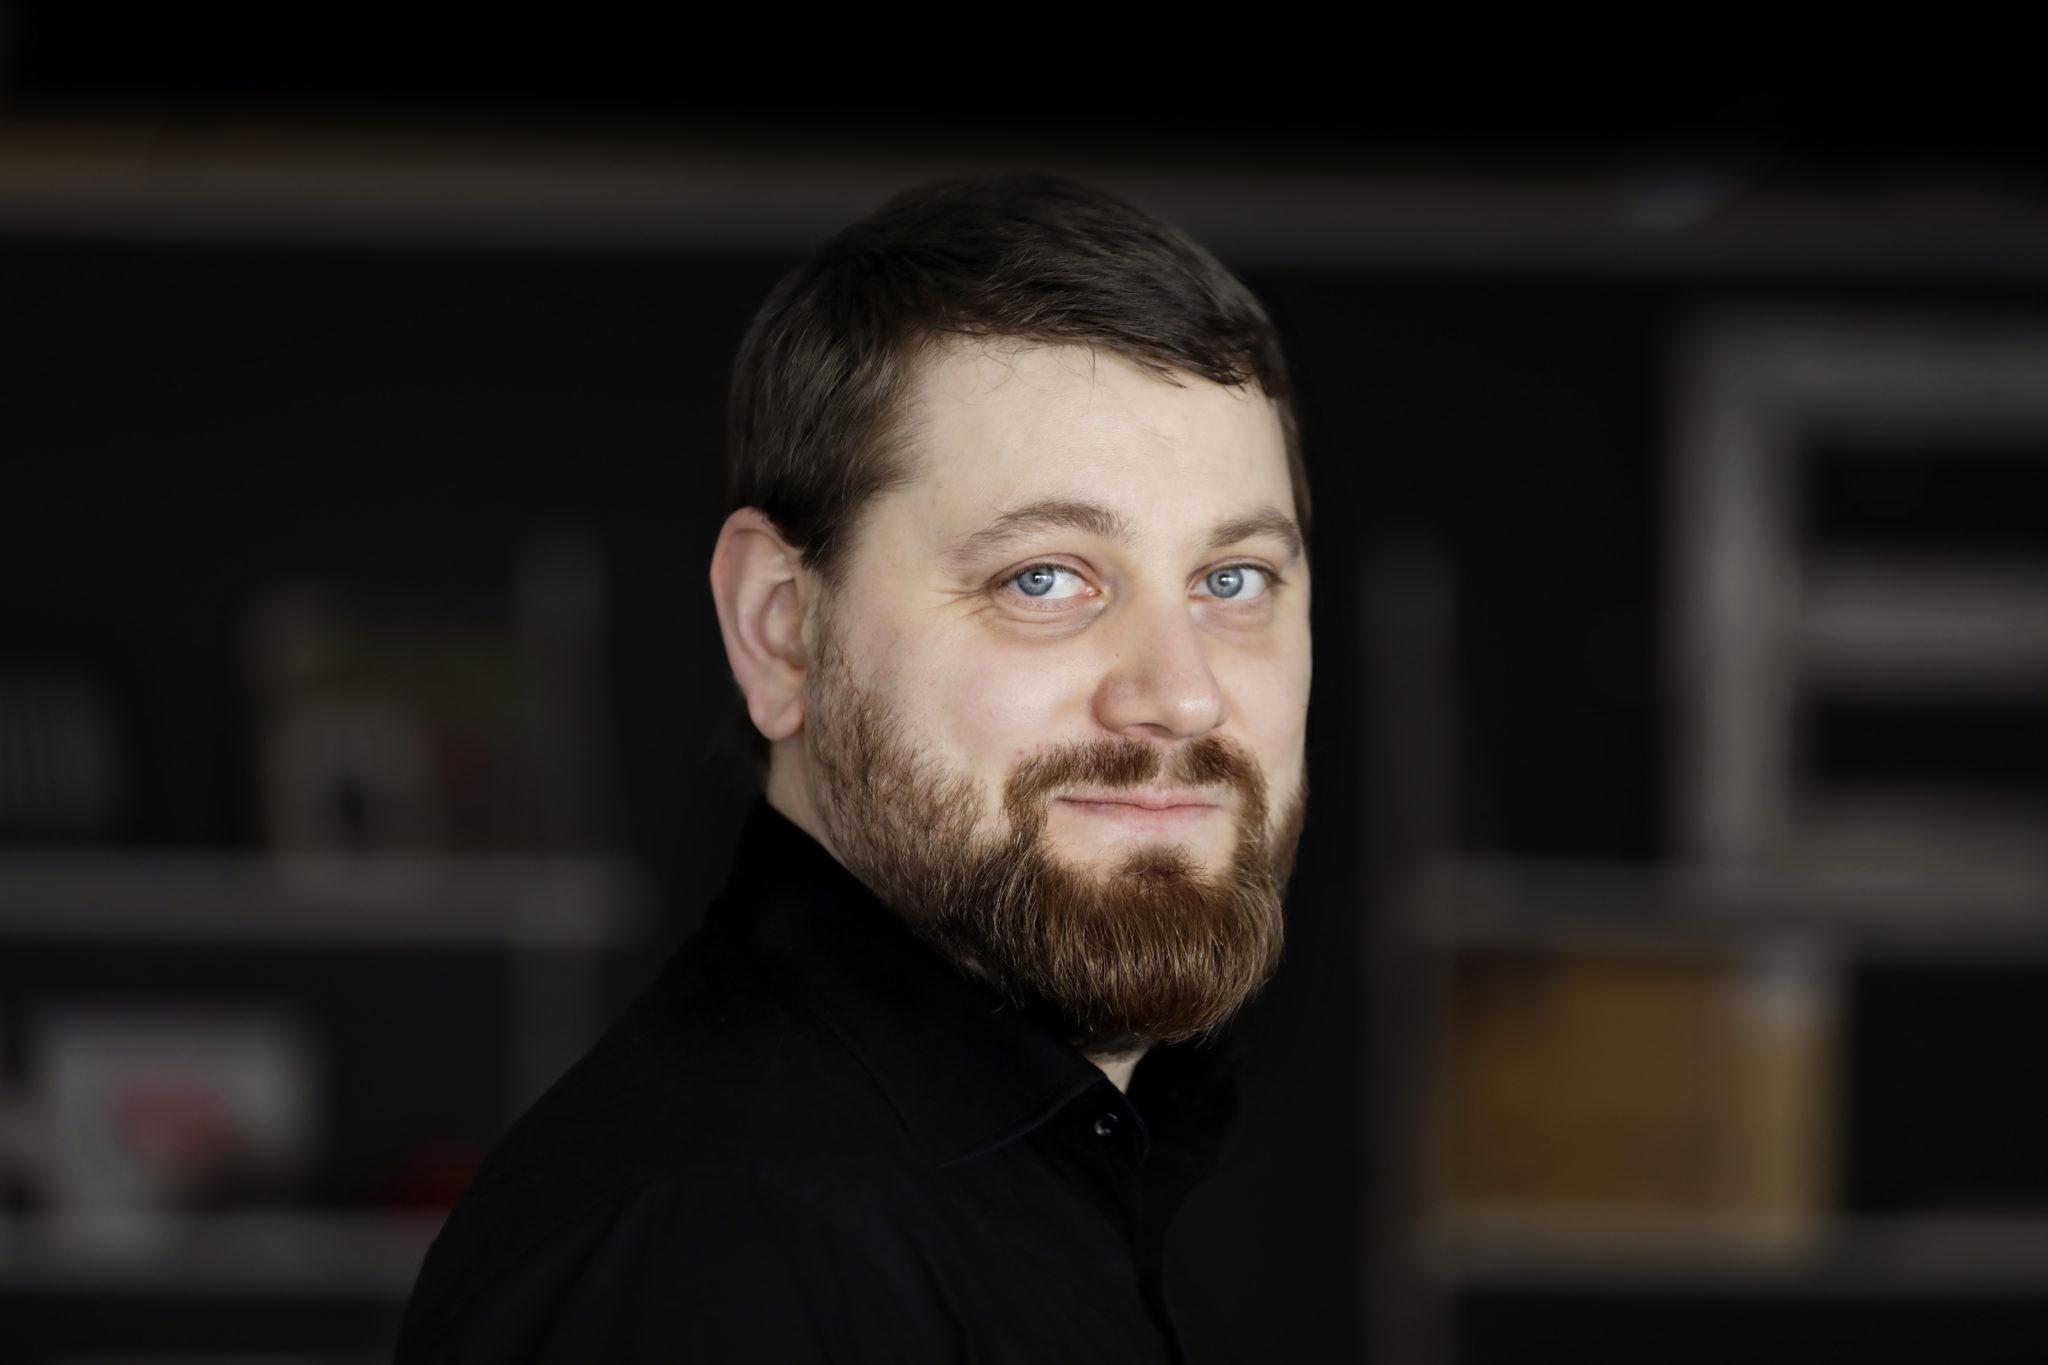 Päätoimittaja Kuutti Koski